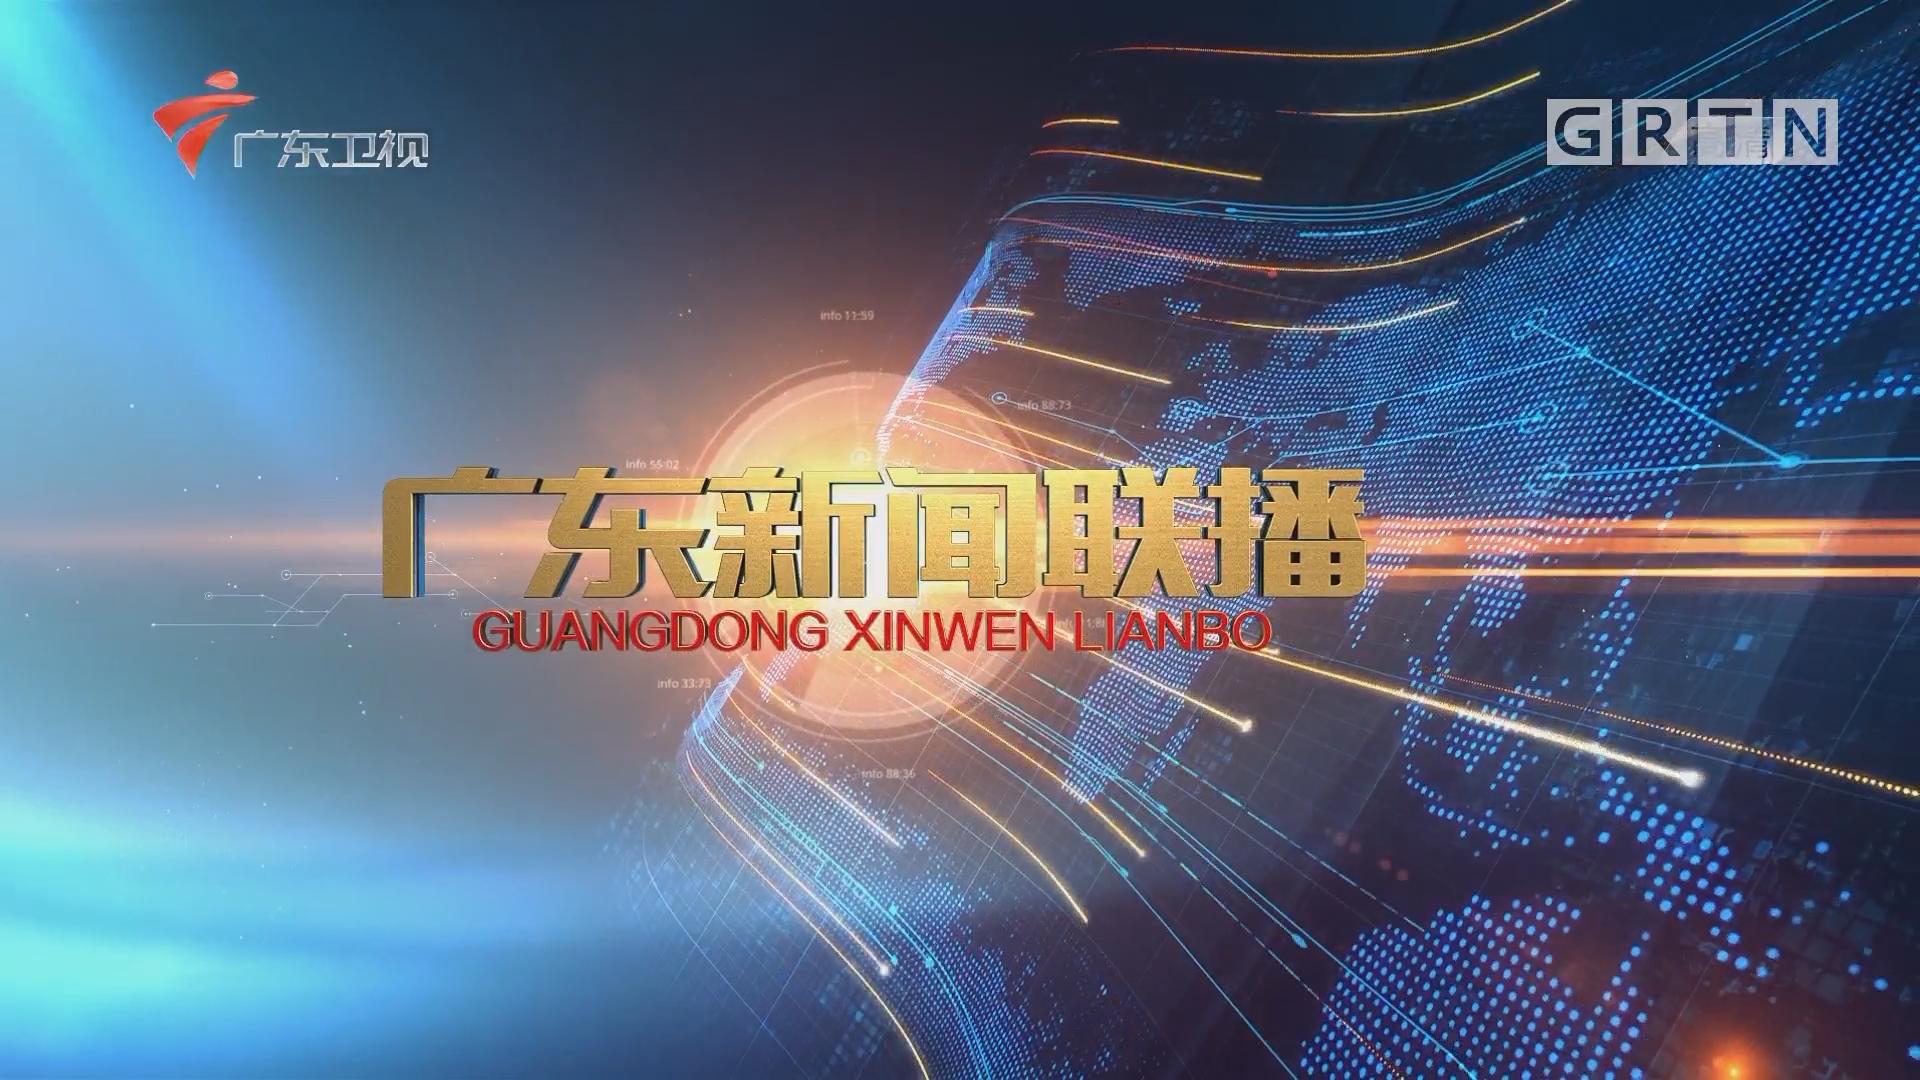 [HD][2019-05-04]广东新闻联播:人民日报社论:让五四精神在新时代放射新的光芒——纪念五四运动一百周年